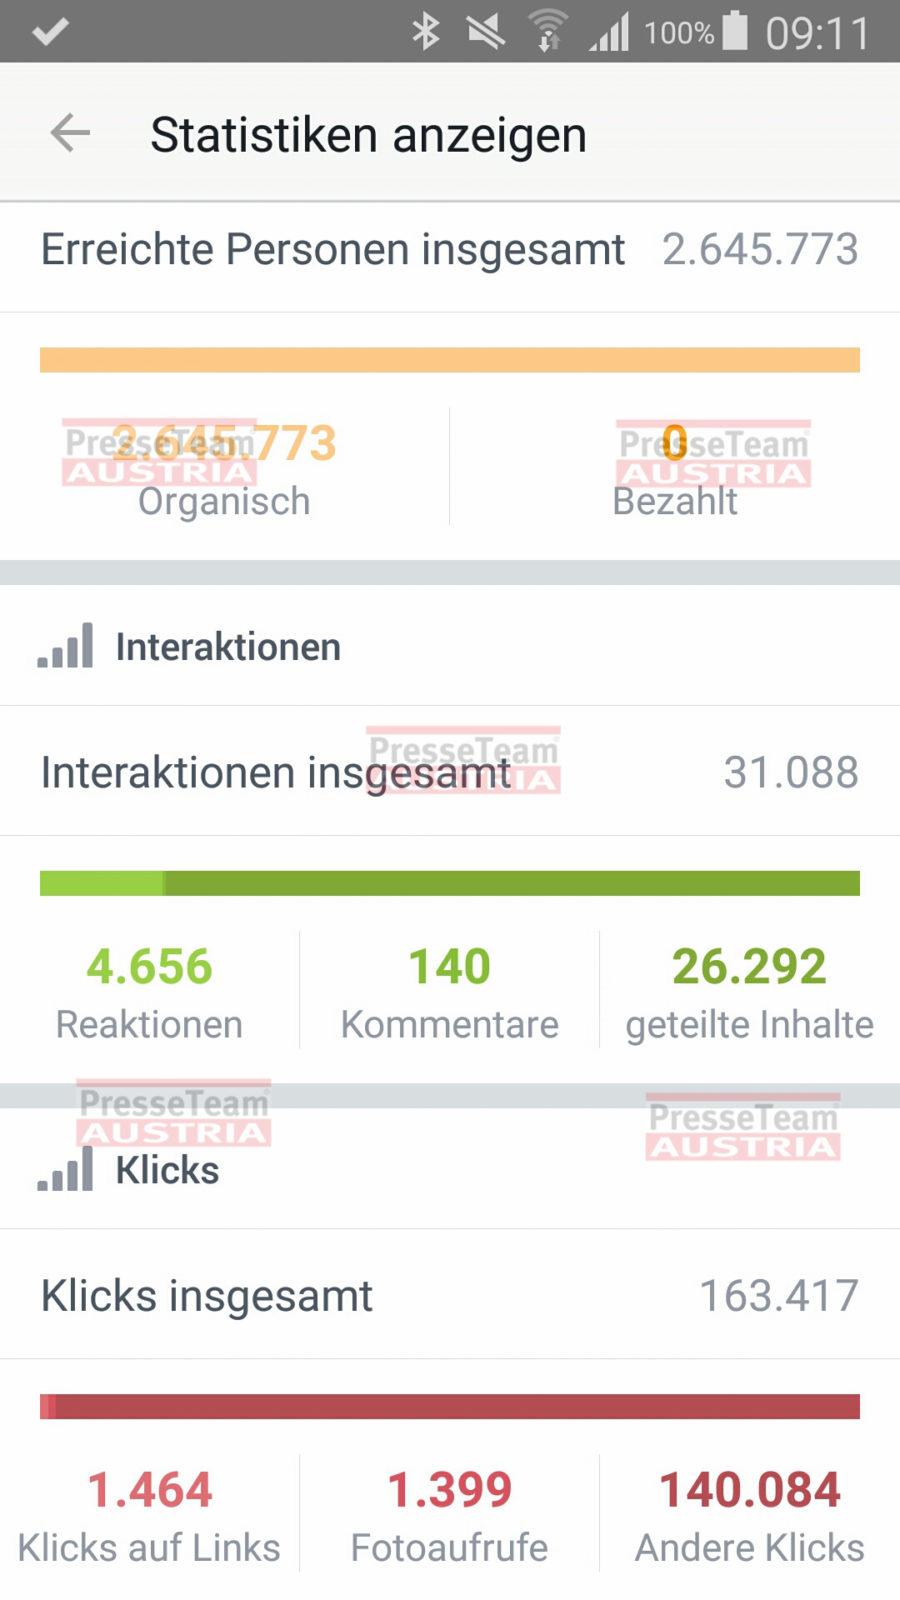 Facebook Marketing Schulung 36 - 10.730.101 Reichweite mit Facebook-Marketing: Der sichere Weg zu Ihrer Zielgruppe!